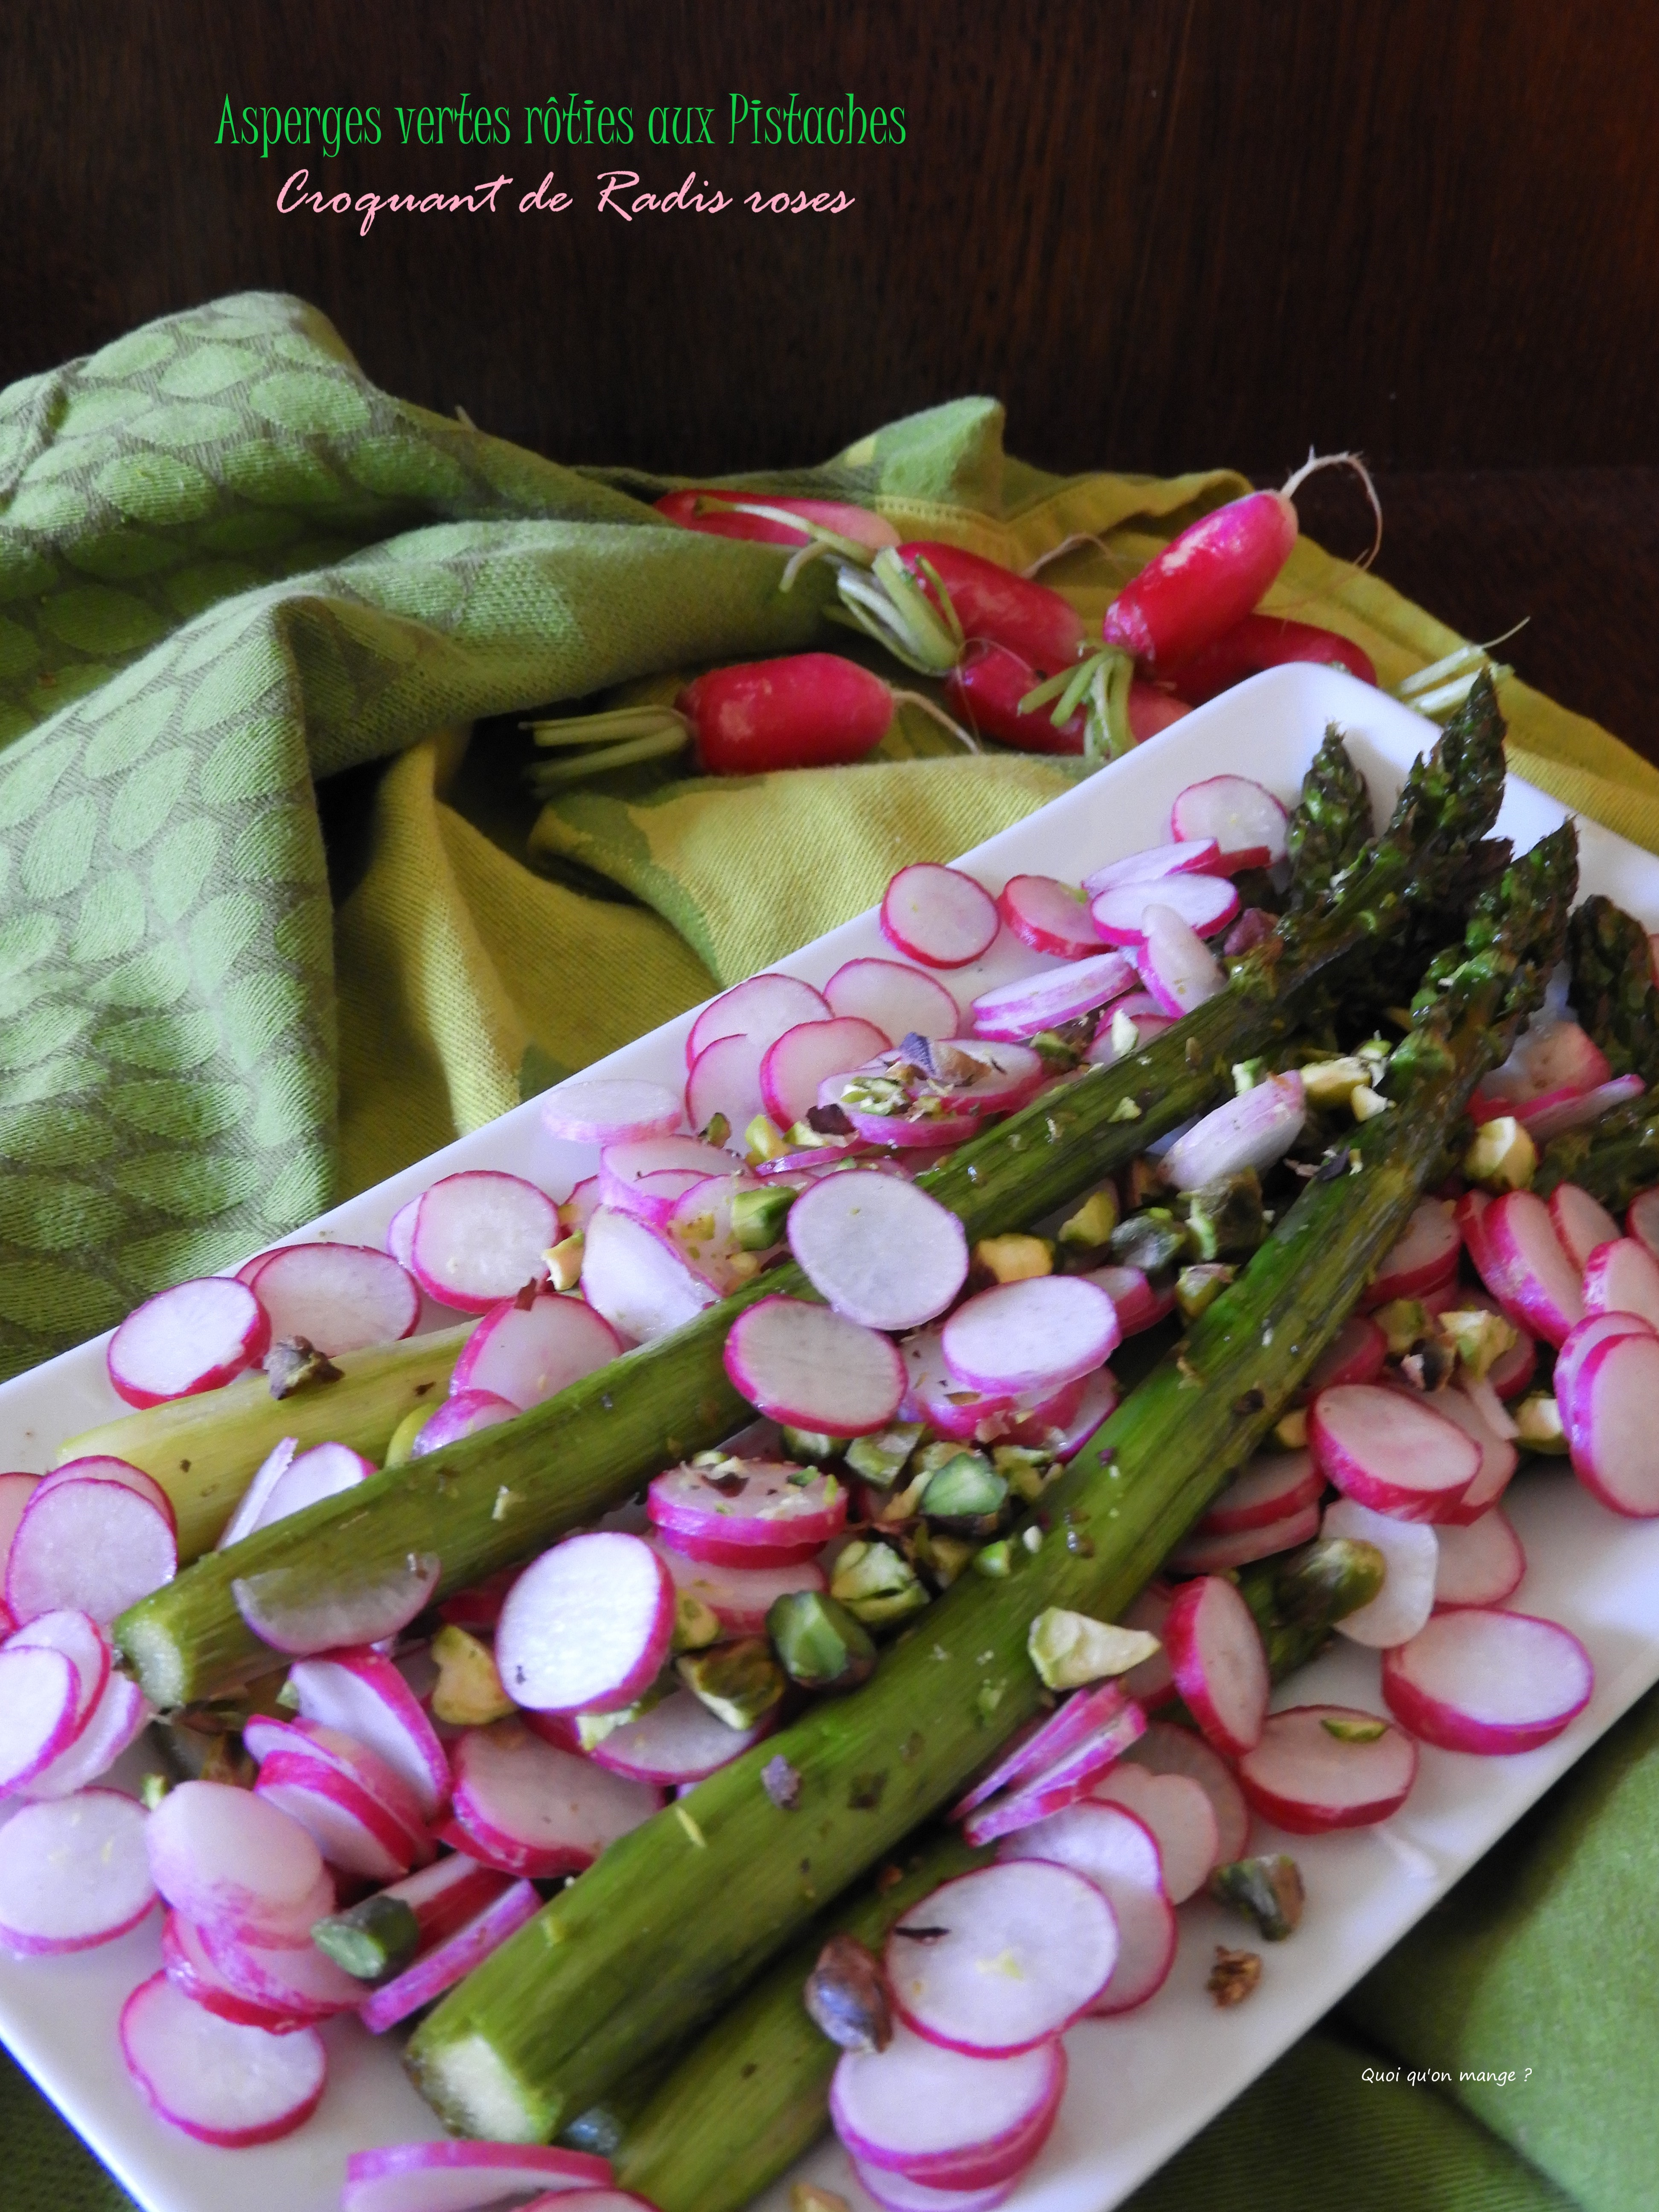 Asperges vertes rôties aux pistaches, croquant de radis roses